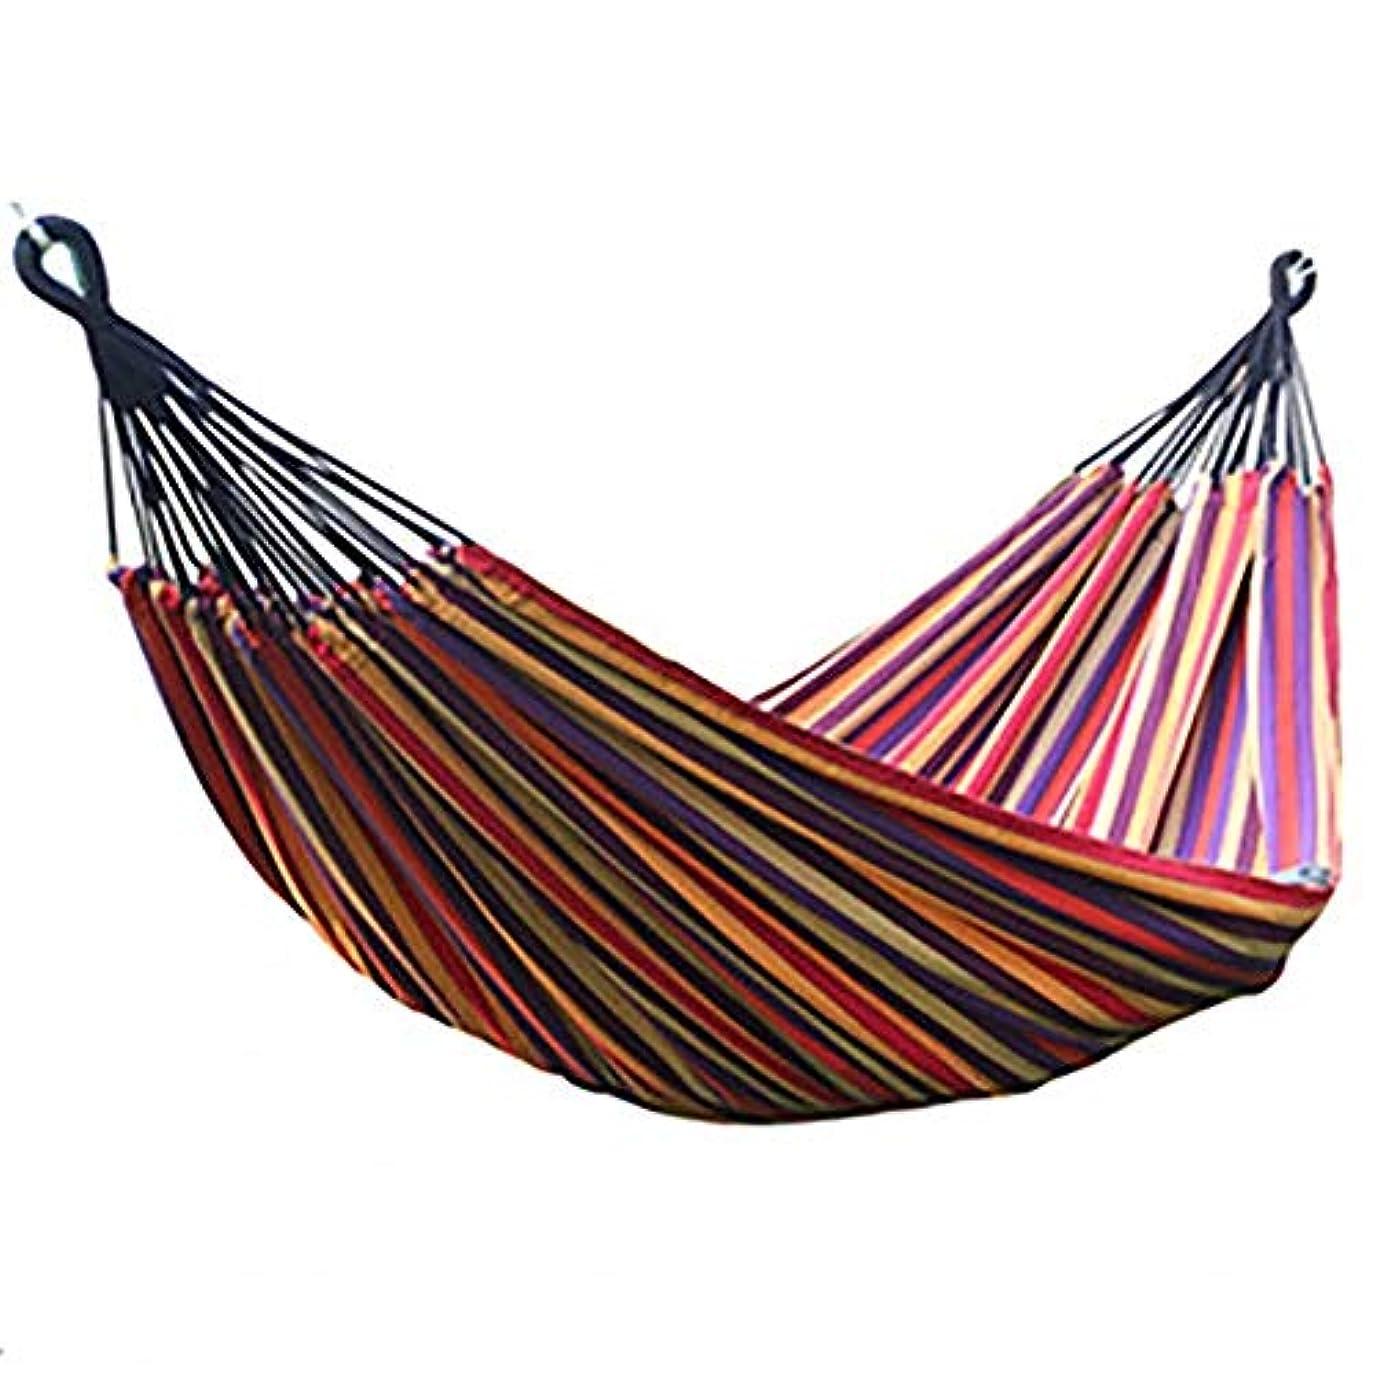 空中劣る言語学屋外の綿のハンモック、ハイキングおよびハイキングの観光事業の屋外の存続のための携帯用特大二重綿の快適なキャンプのピクニック布のハンモック (Color : E)